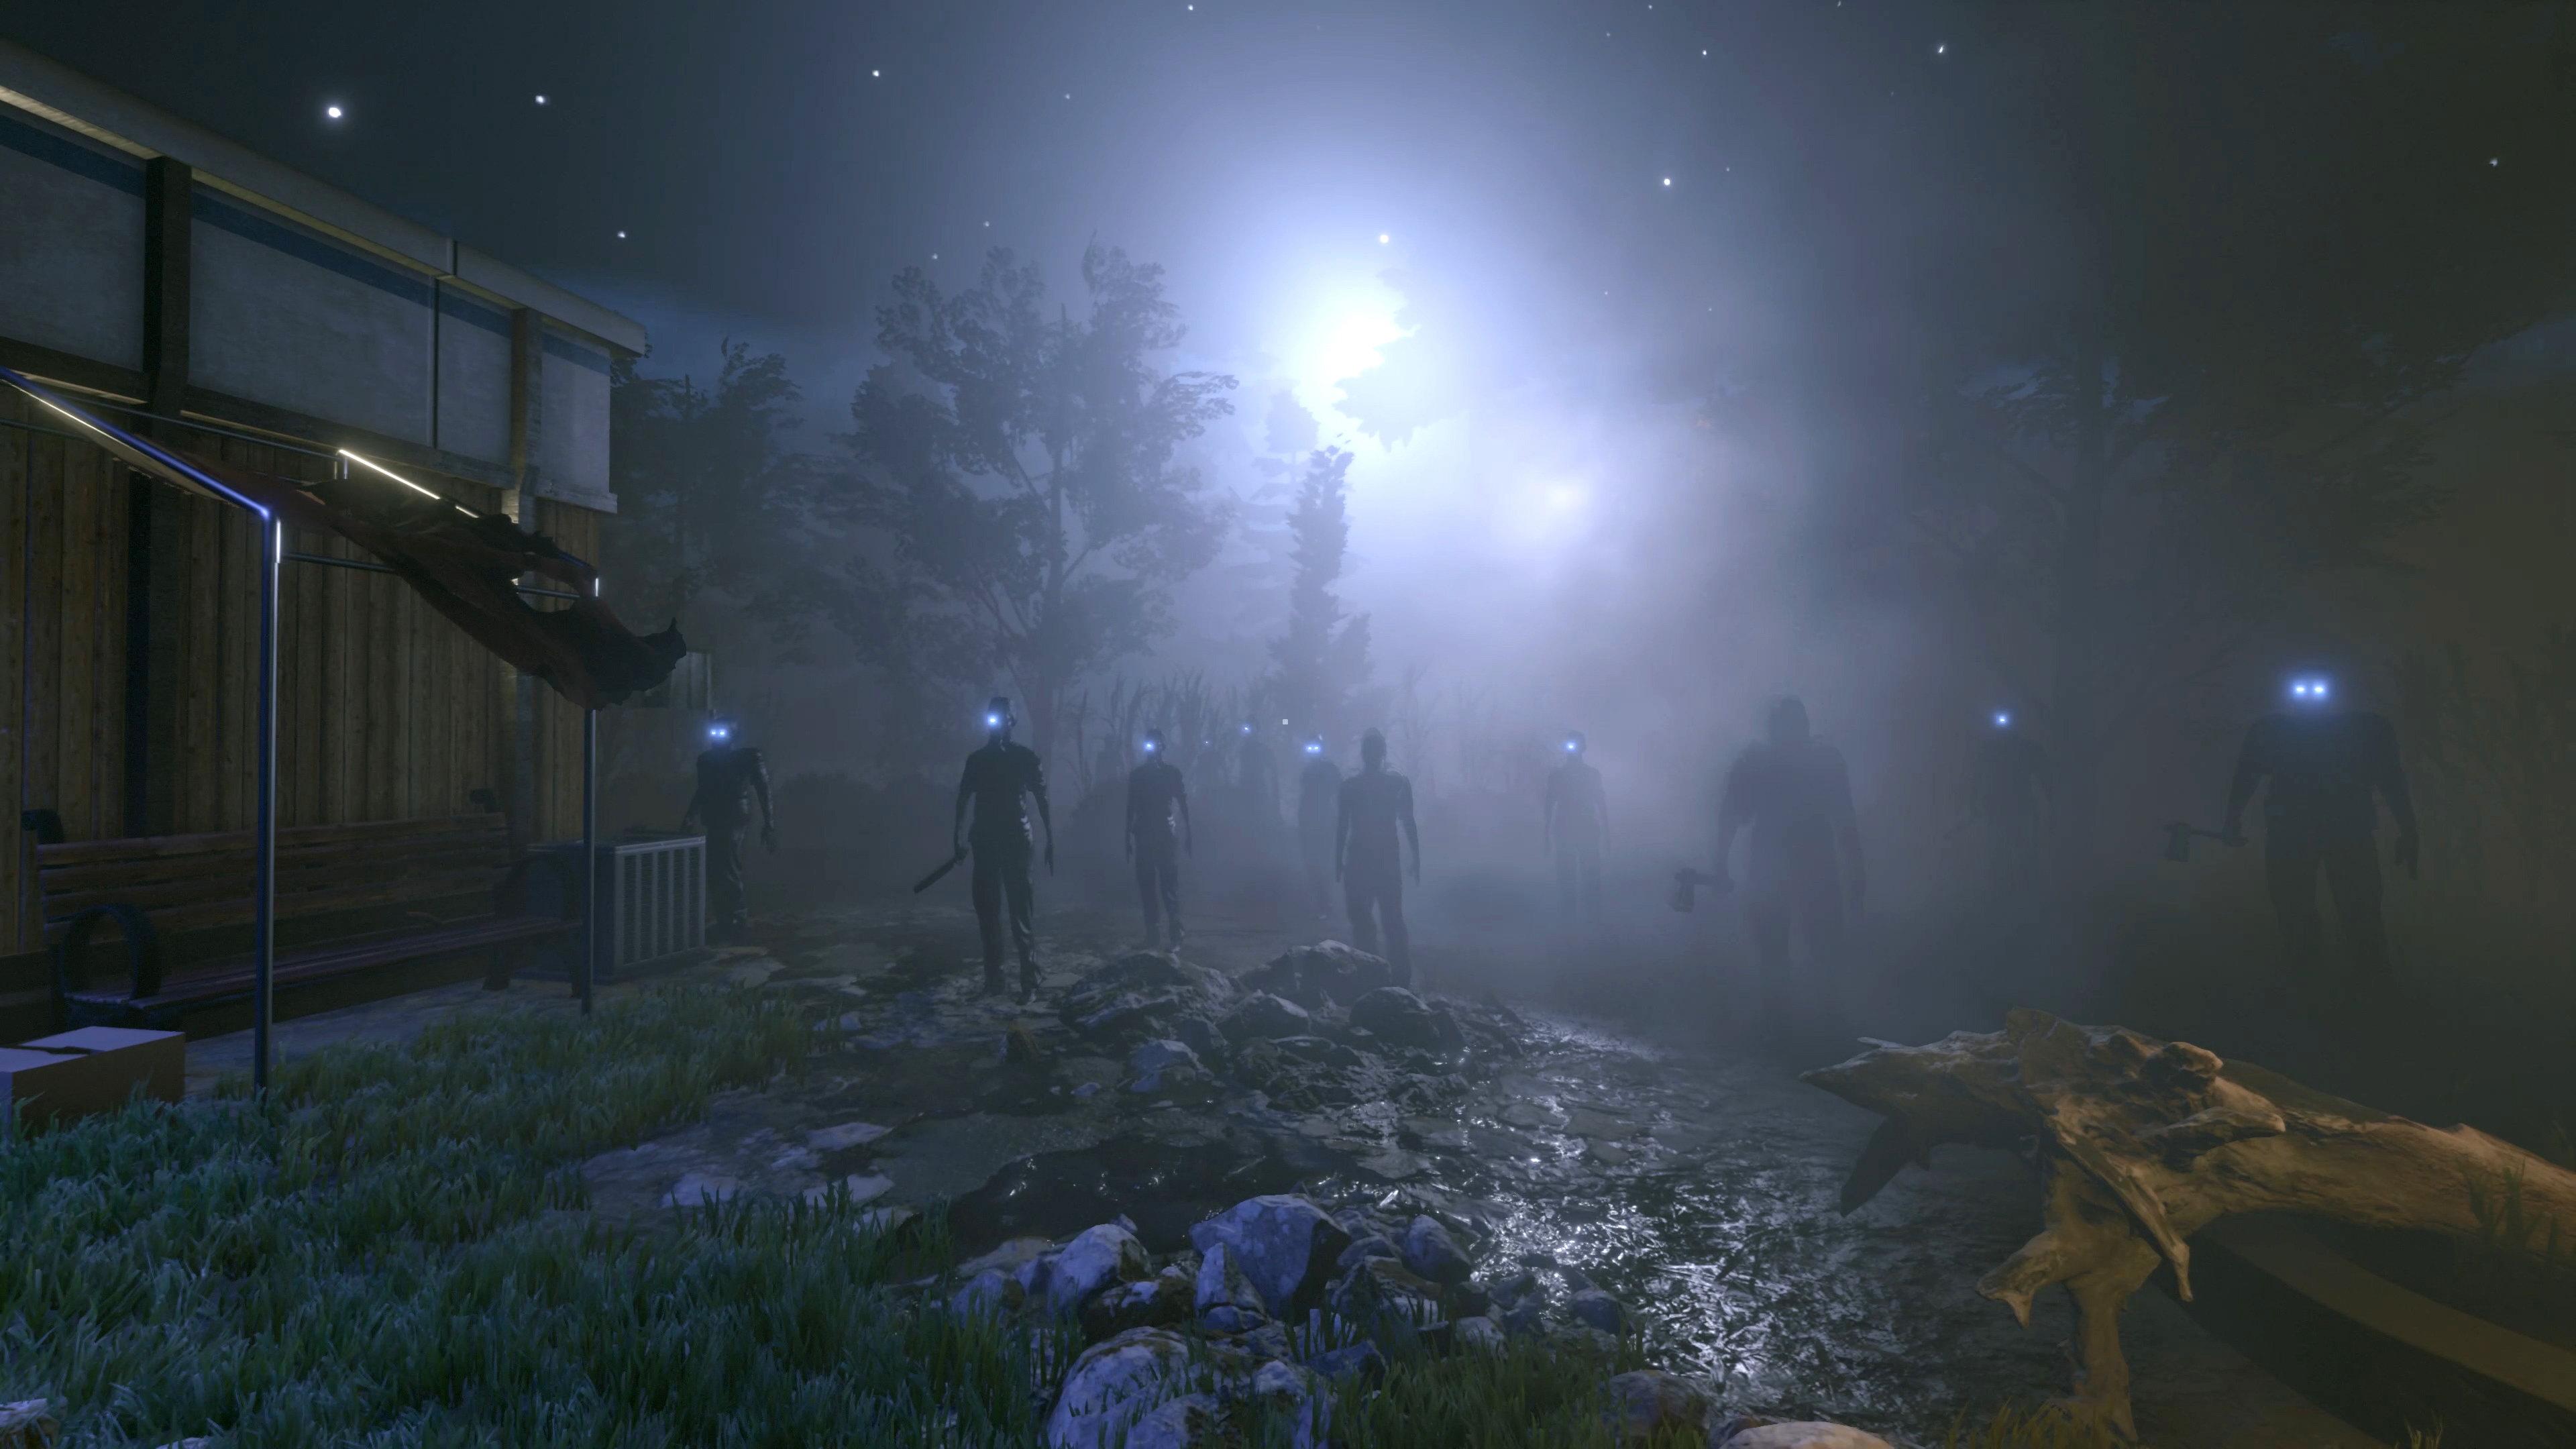 恐怖新作《残存之人》新预告及截图 游戏延期发售